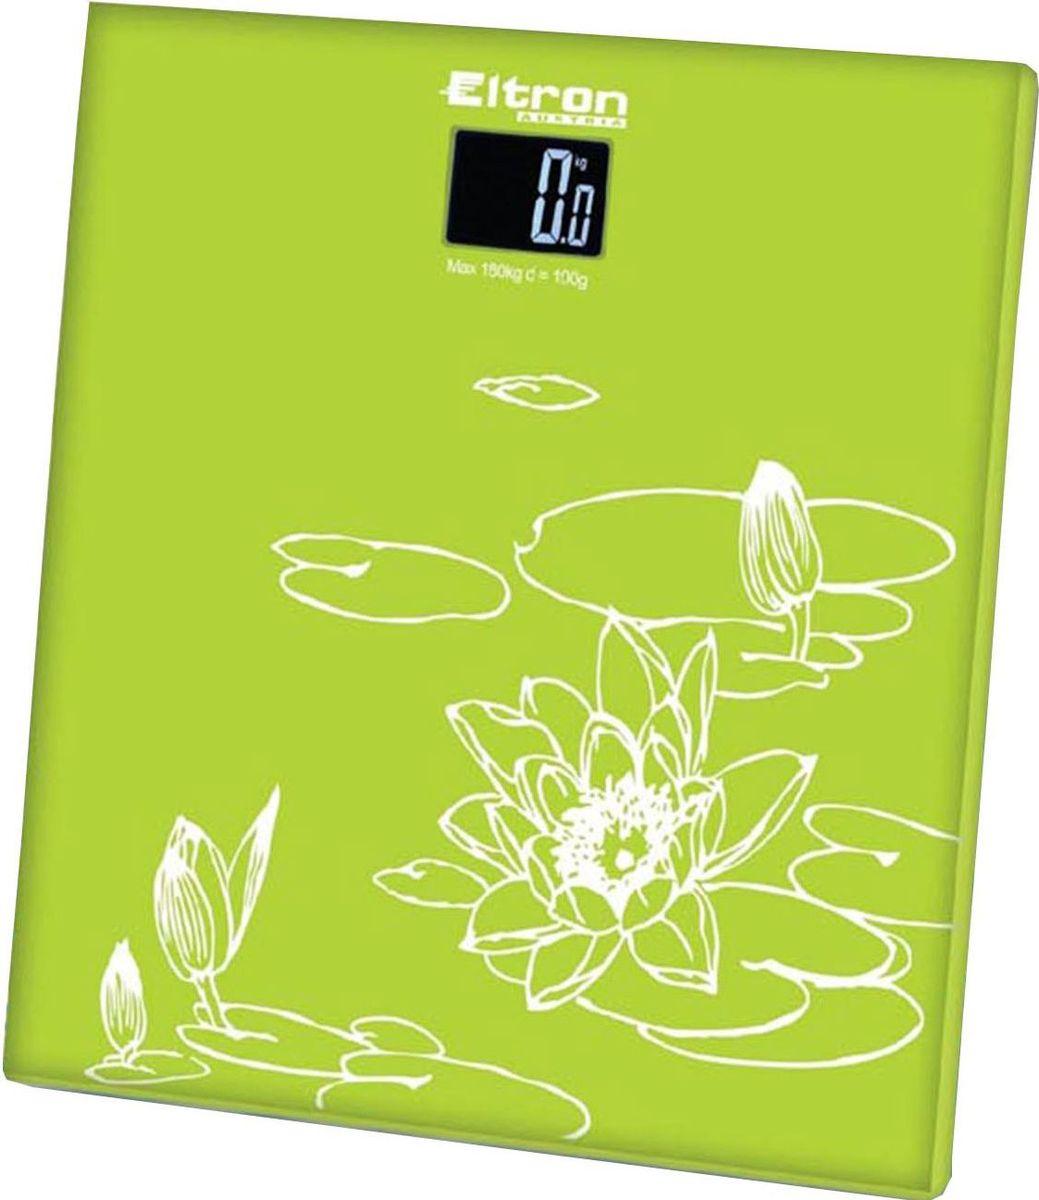 Весы напольные  Eltron , электронные, цвет: синий, зеленый, белый, до 180 кг. 9215EL - Напольные весы